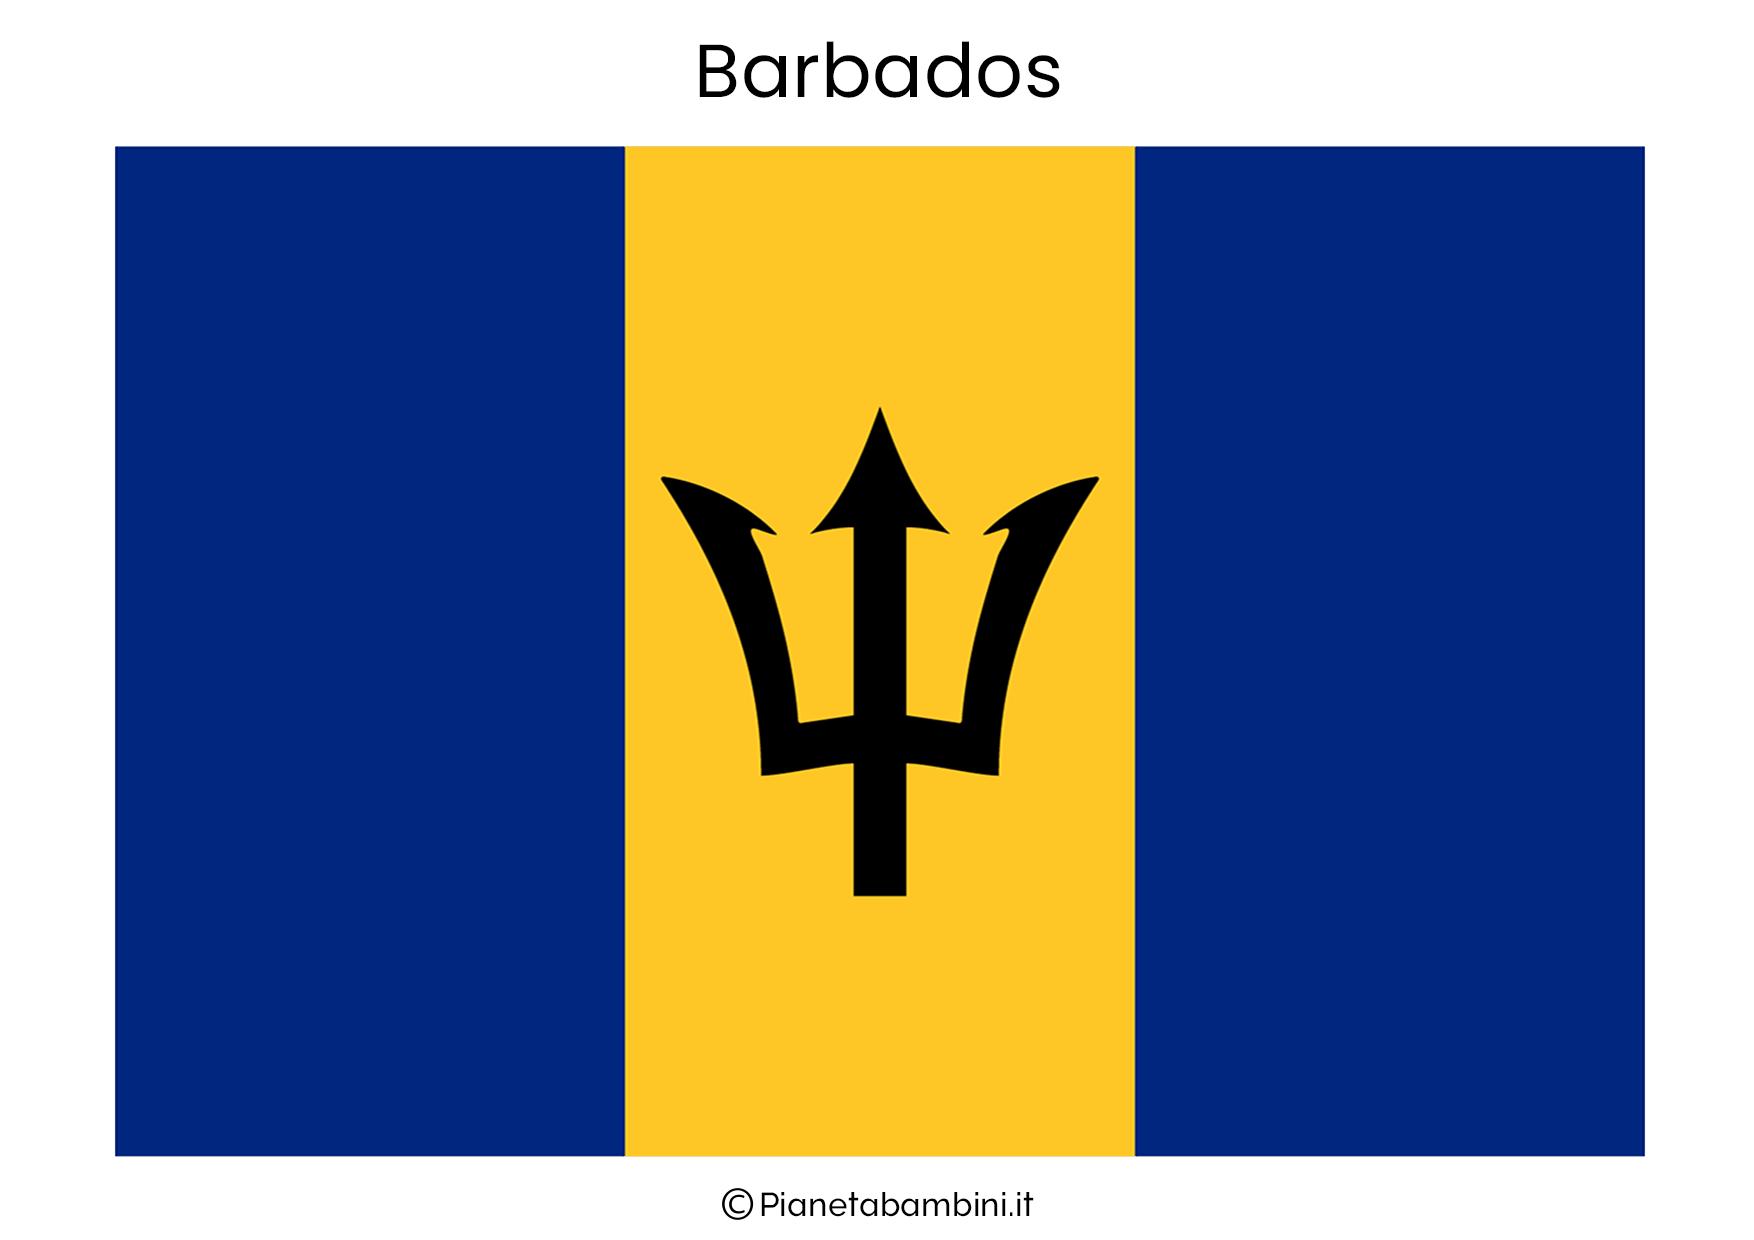 Bandiera delle Barbados da stampare